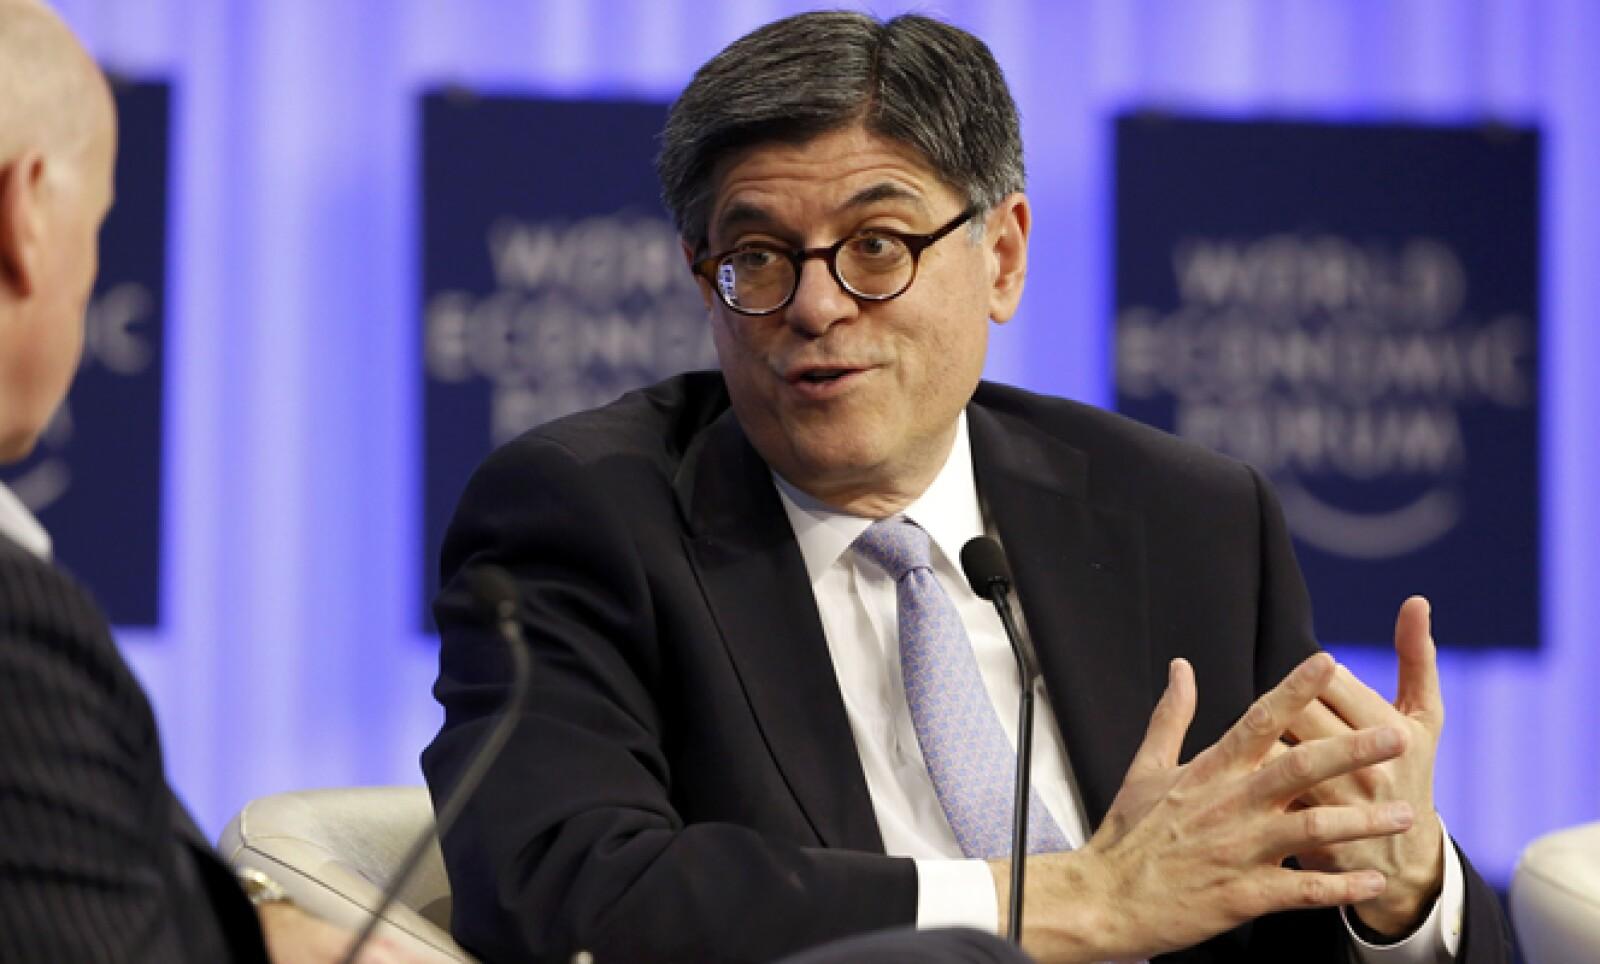 El Secretario del Tesoro de Estados Unidos también participó en una sesión del Foro.